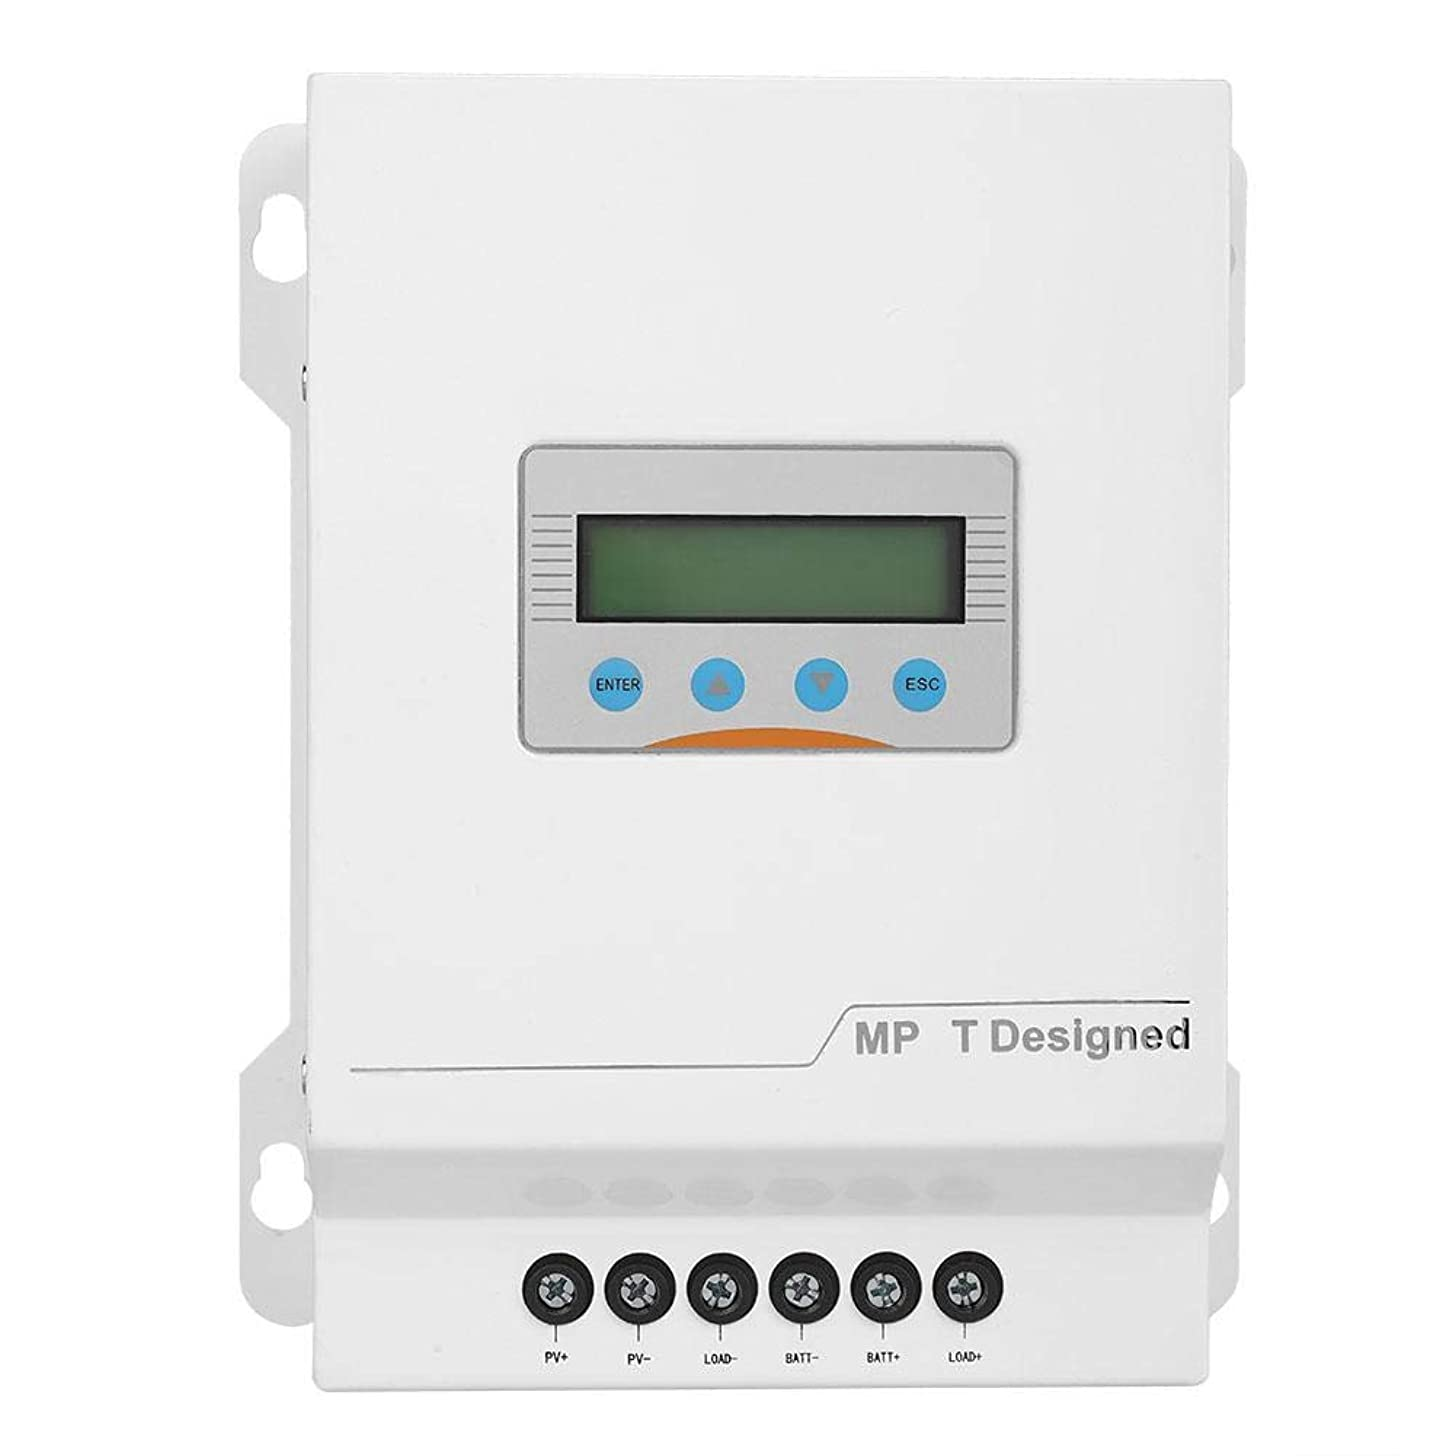 知恵セメントまでソーラーパネル充電コントローラー12V/24V/48V LCD DisplayMPPTソーラーレギュレーターモニター